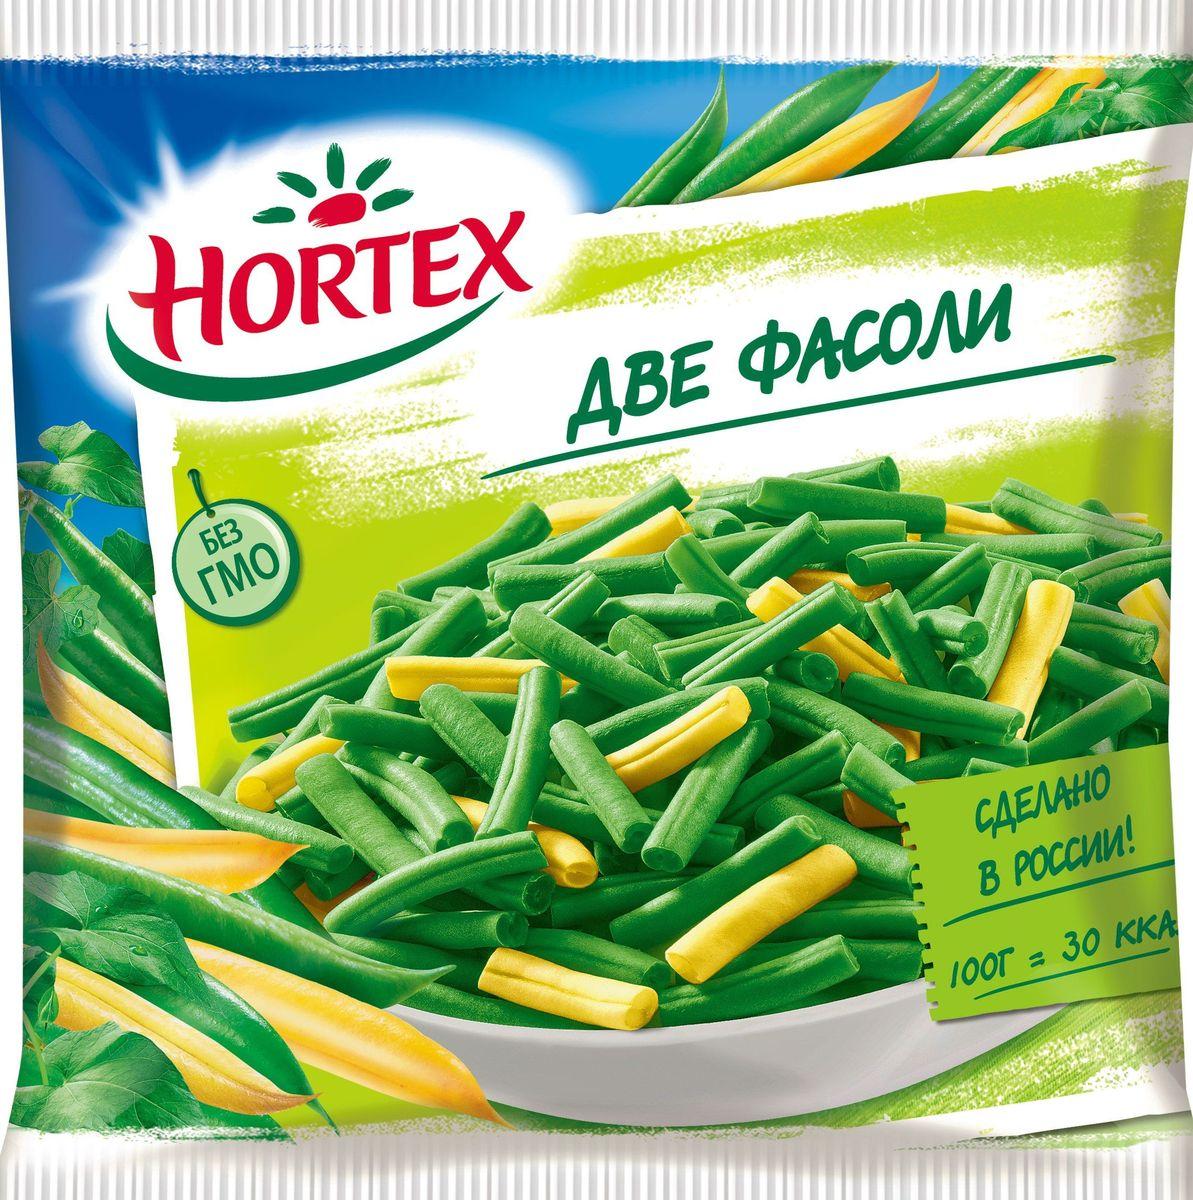 Hortex Две Фасоли, 400 г4607191650579Овощная смесь глубокой заморозки, в составе которой фасоль стручковая зеленая, фасоль стручковая желтая.